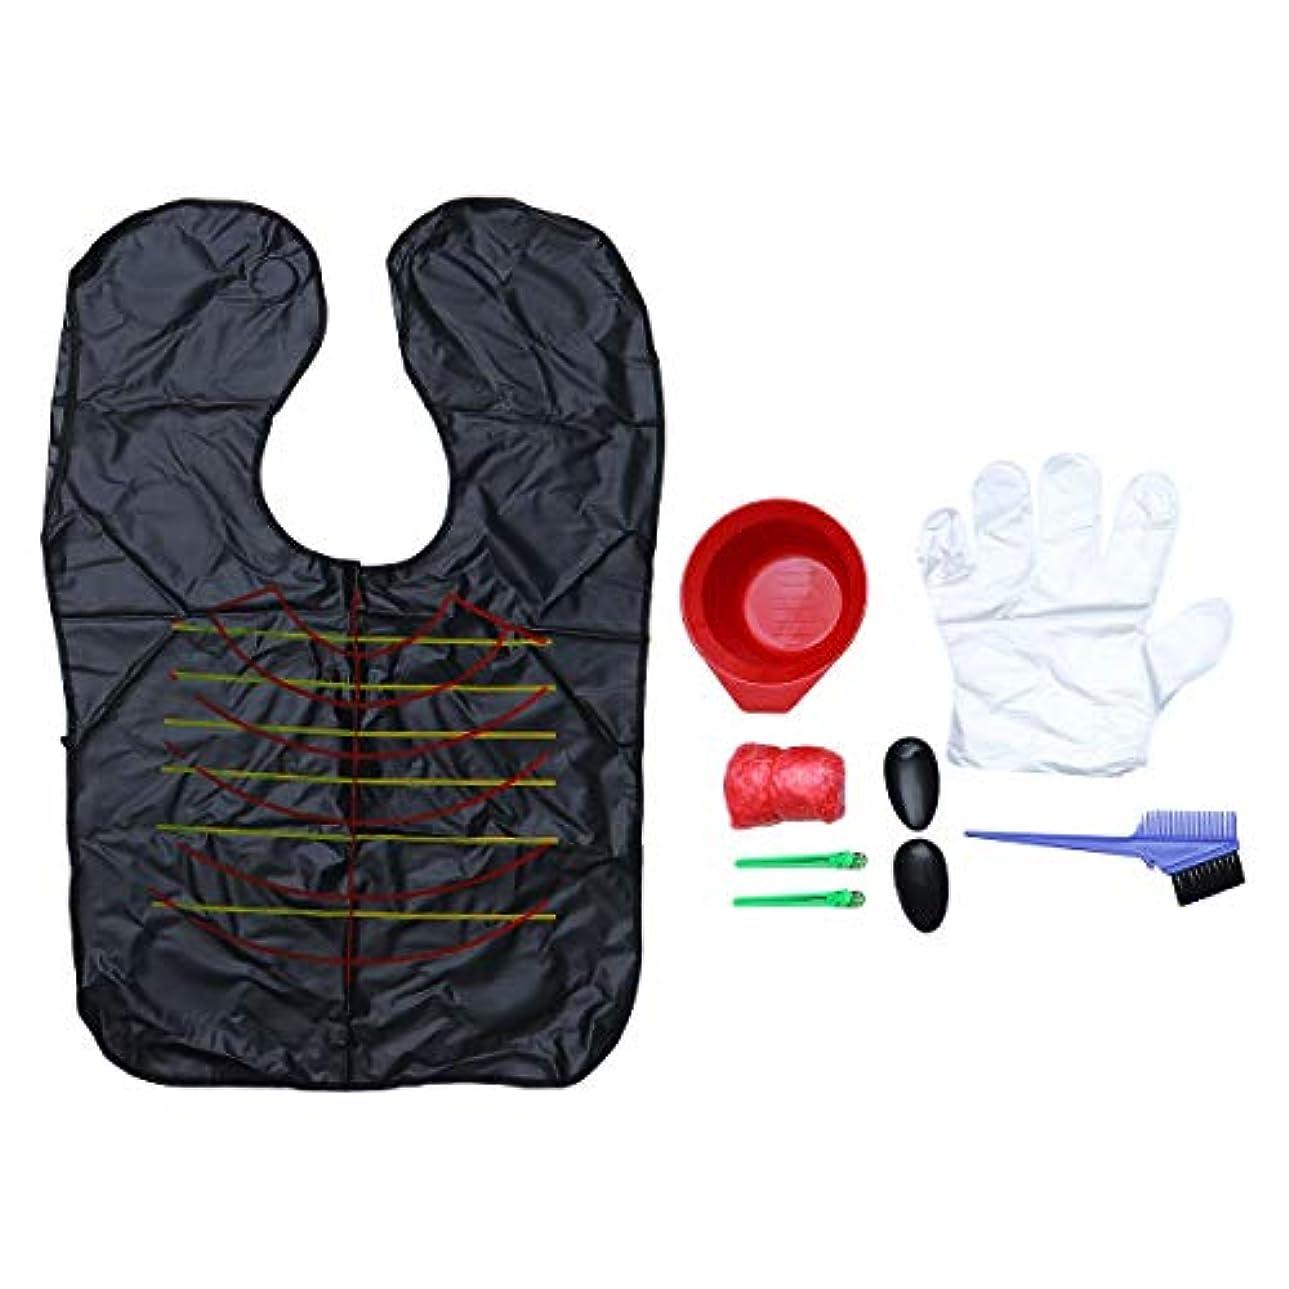 科学ささいな通信するHEALLILY ヘアカラー染色キットヘアダイDIYツールダイブラシミキシングボウルイヤーキャップシャワーキャップ弾性手袋9個(ランダムカラー)